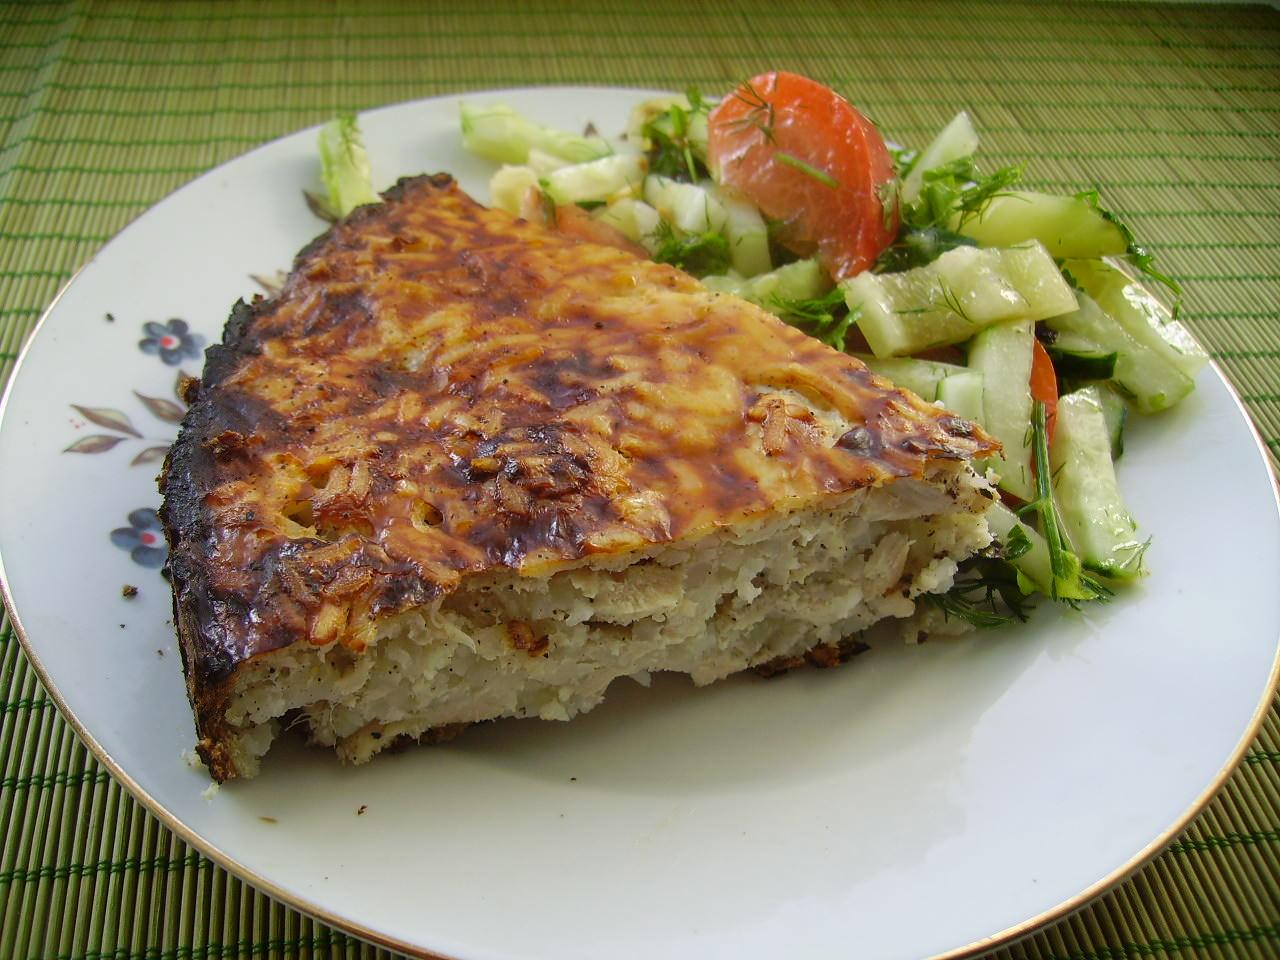 Подавать эту запеканку можно с салатом из свежих овощей